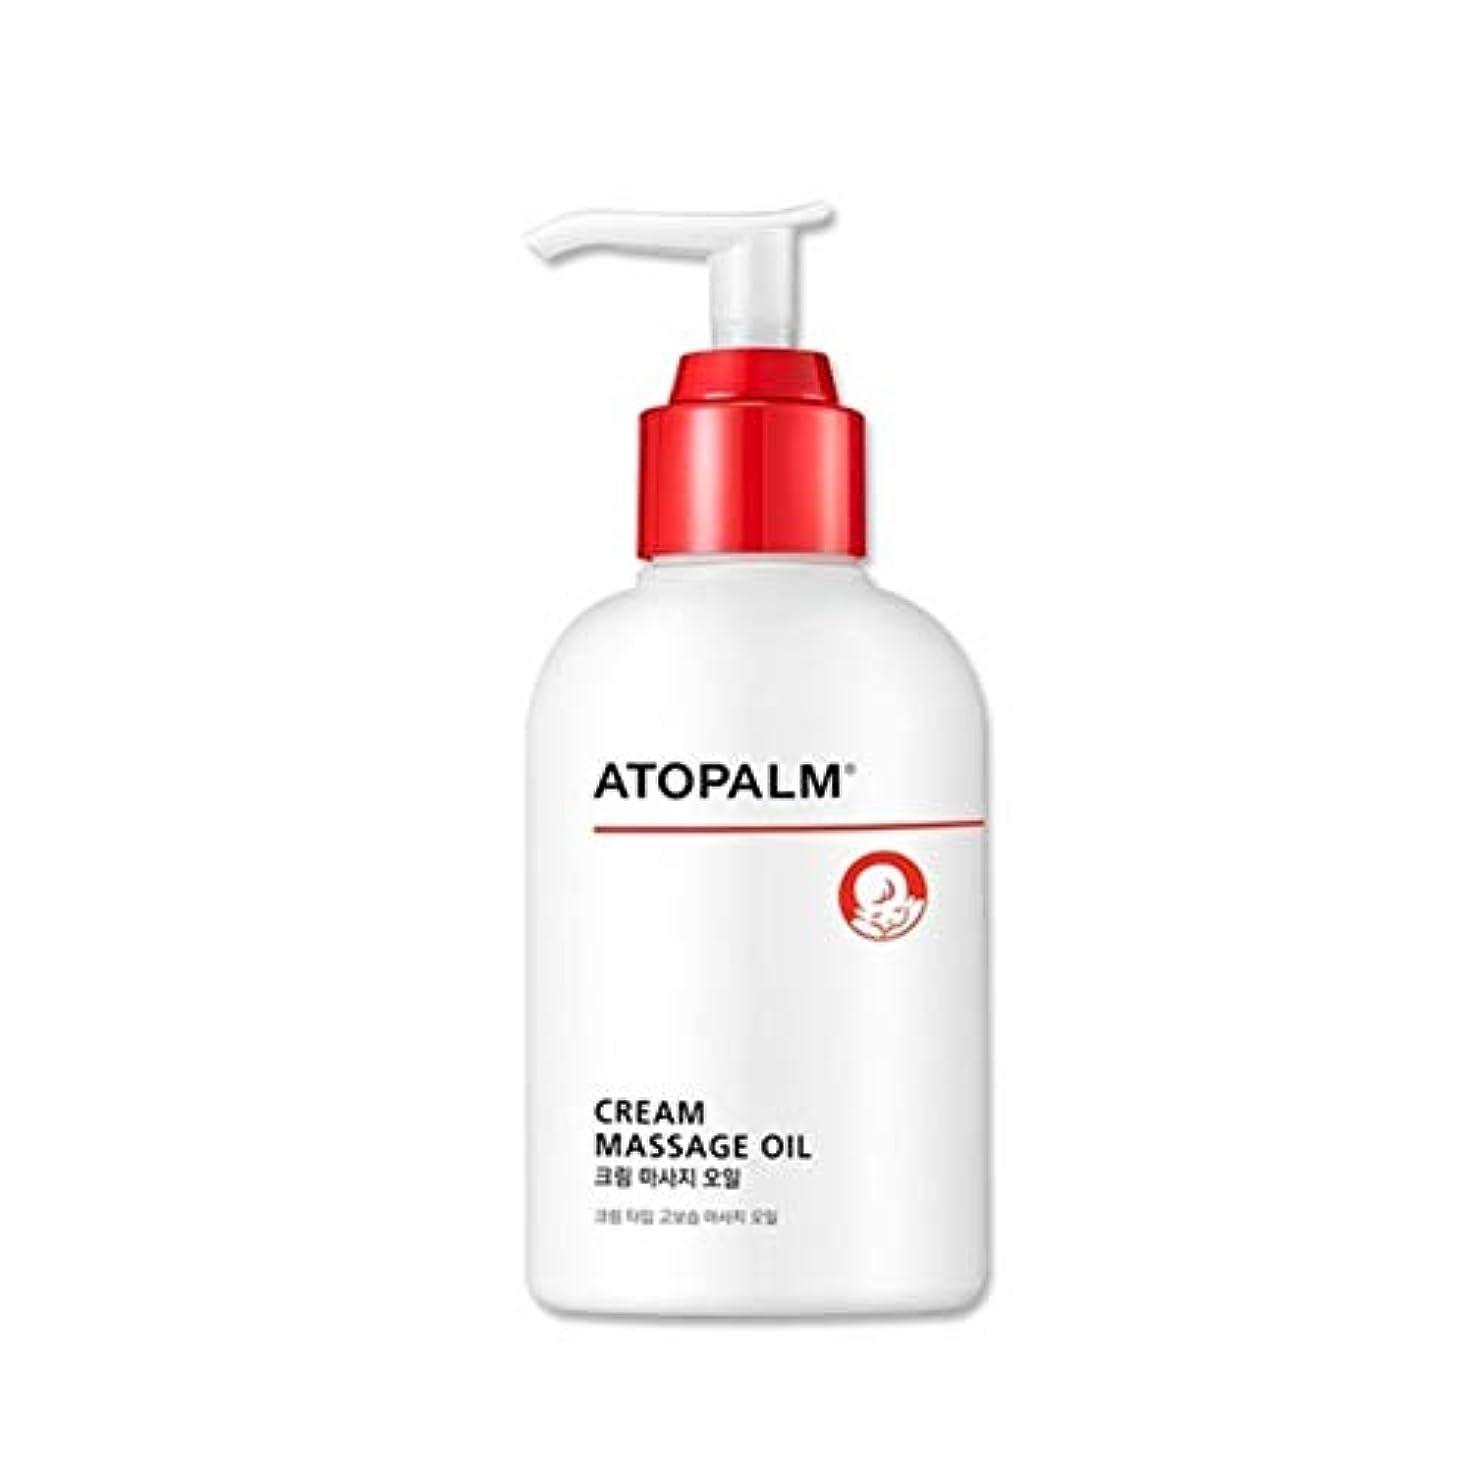 囲む大佐レベルアトパムクリームマッサージオイル200ml韓国コスメ、Atopalm Cream Massage Oil 200ml Korean Cosmetics [並行輸入品]